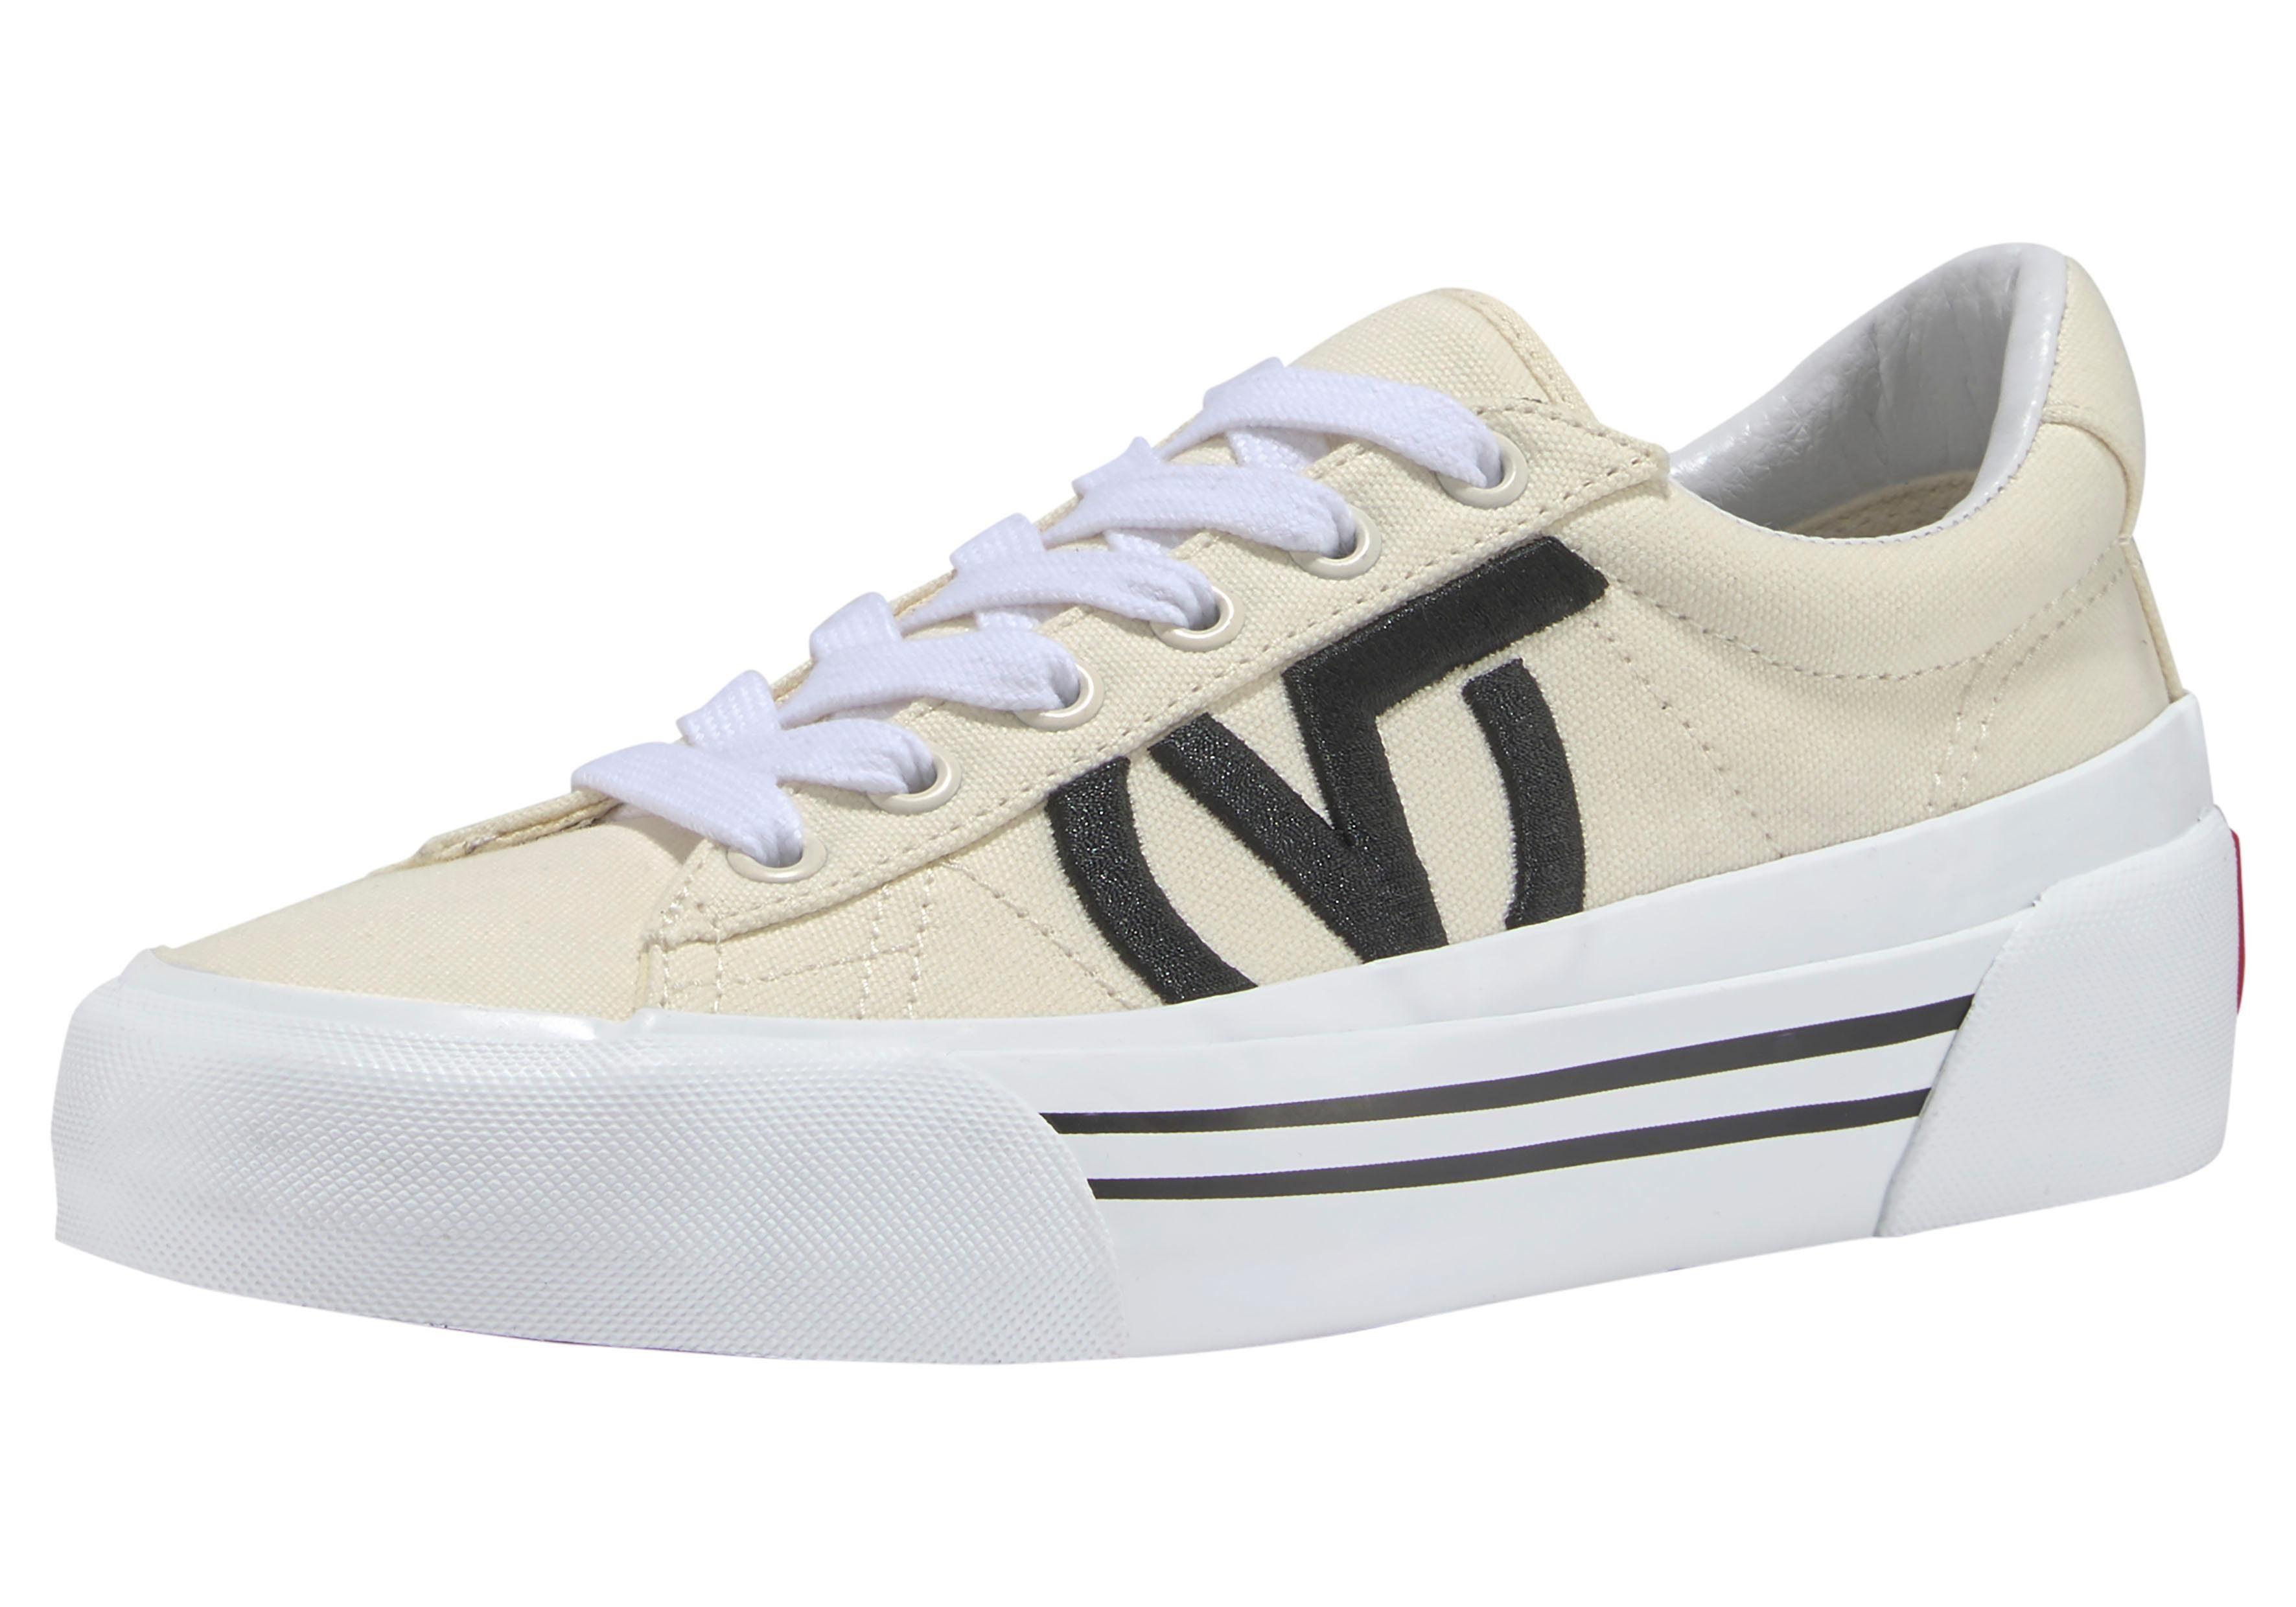 Vans »Sid NI« Sneaker, Sportlicher Sneaker von VANS online kaufen | OTTO